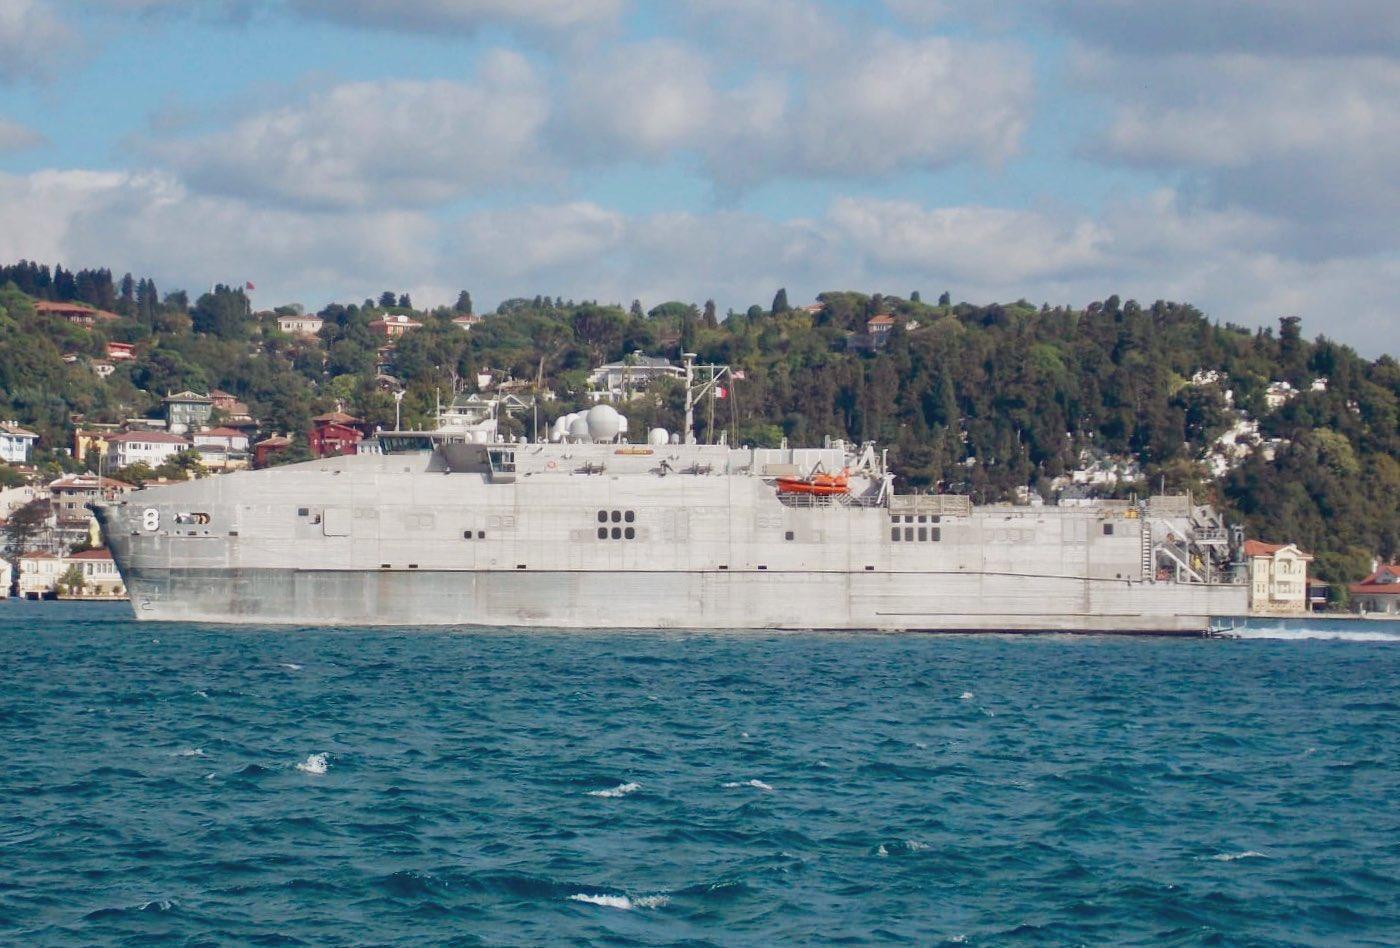 Высокоскоростное десантное судно флота США USNS Yuma / фото twitter.com/yorukisik